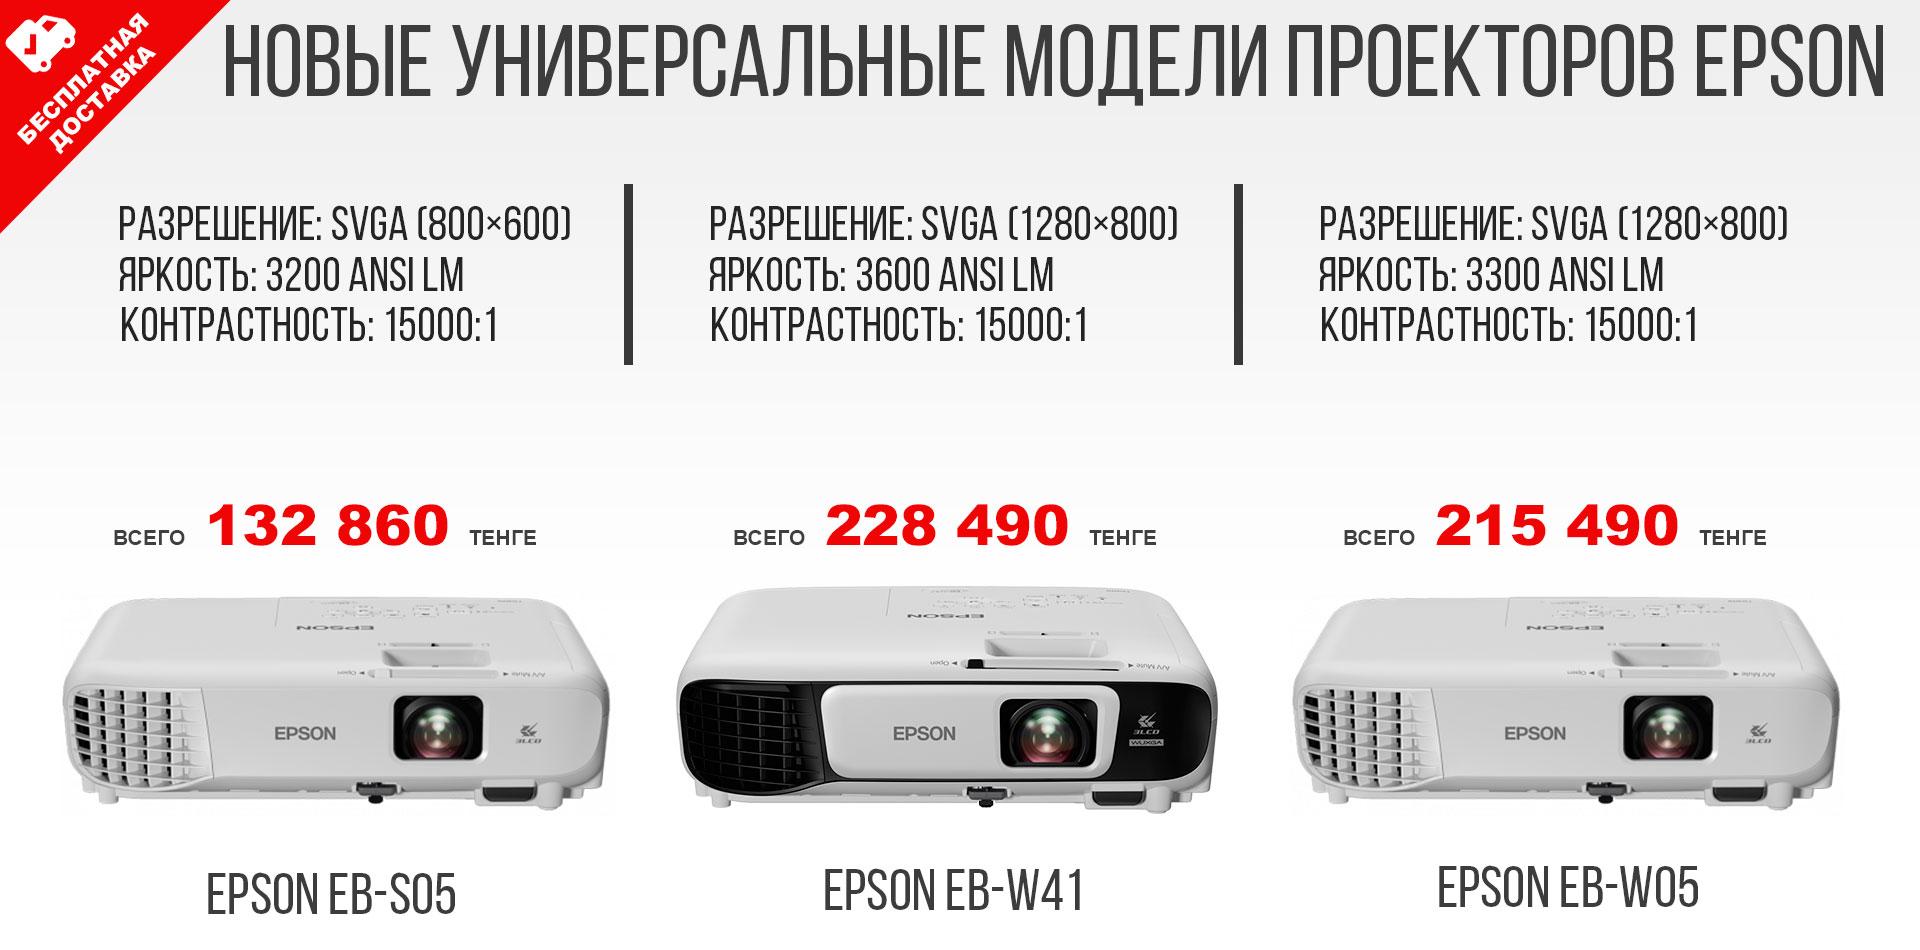 ПРОЕКТОР EPSON В АСТАНЕ.